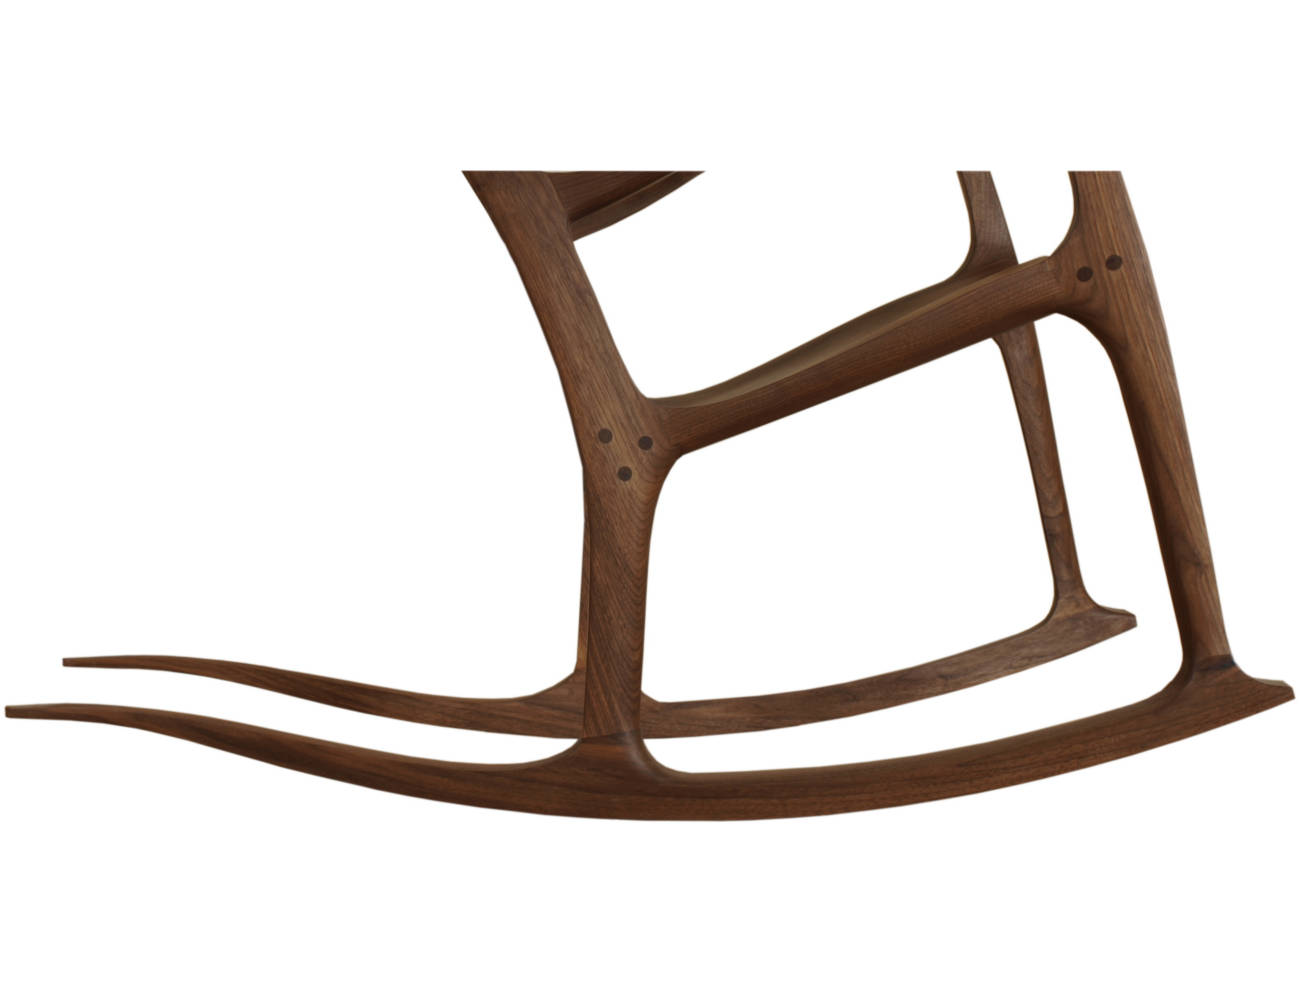 Die Kufe eines Schaukelstuhl entsteht durch Formverleimung,es sind unterschiedliche Kufenradien erhältlich